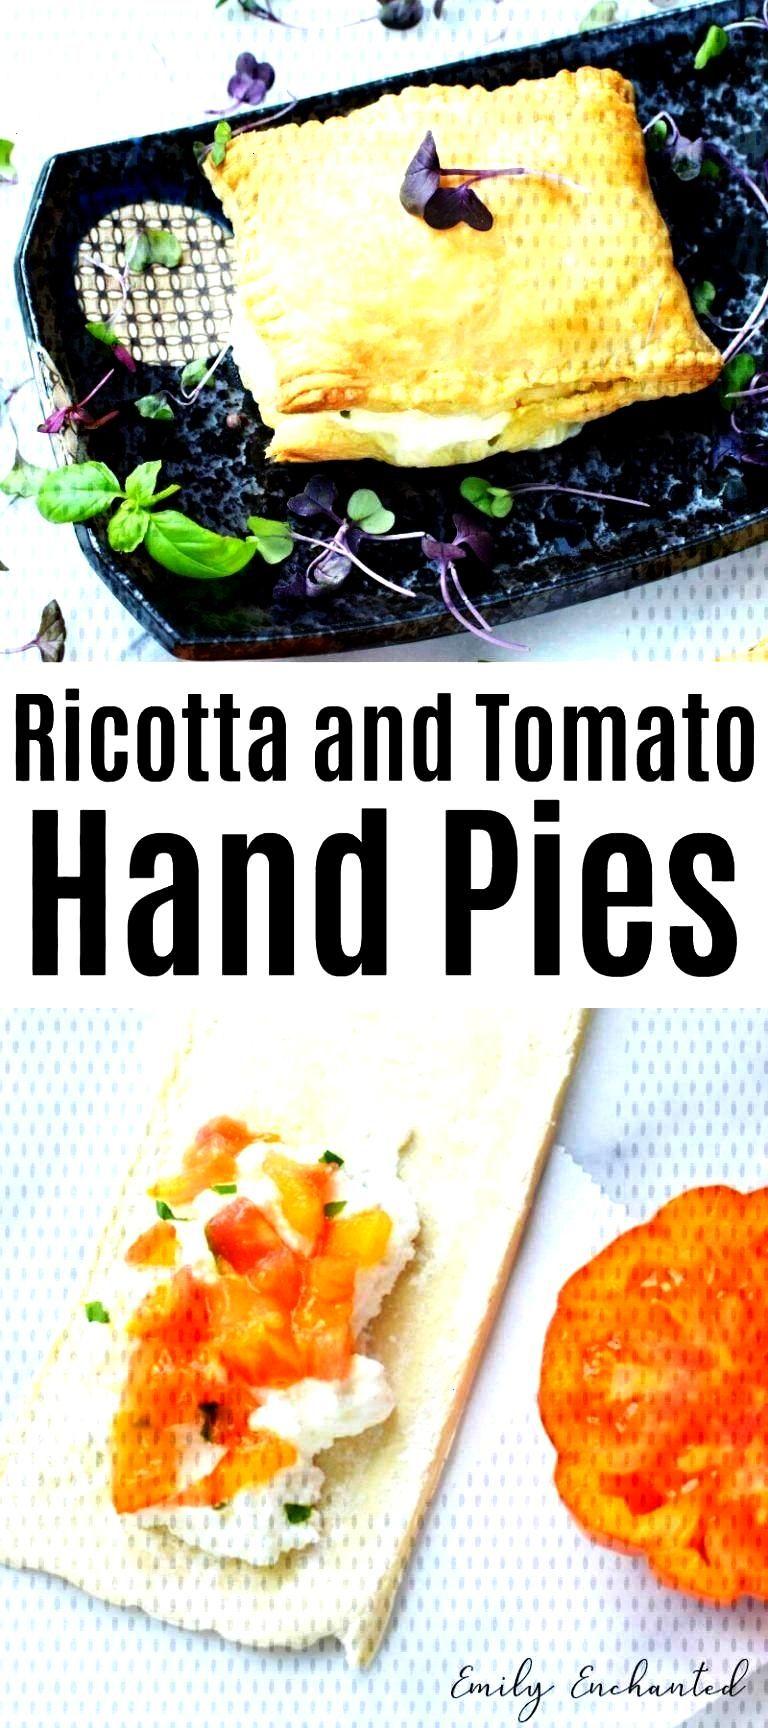 Ricotta and Tomato Savory Hand Pies Recipe - Lets Cook -Easy Ricotta and Tomato Savory Hand Pies